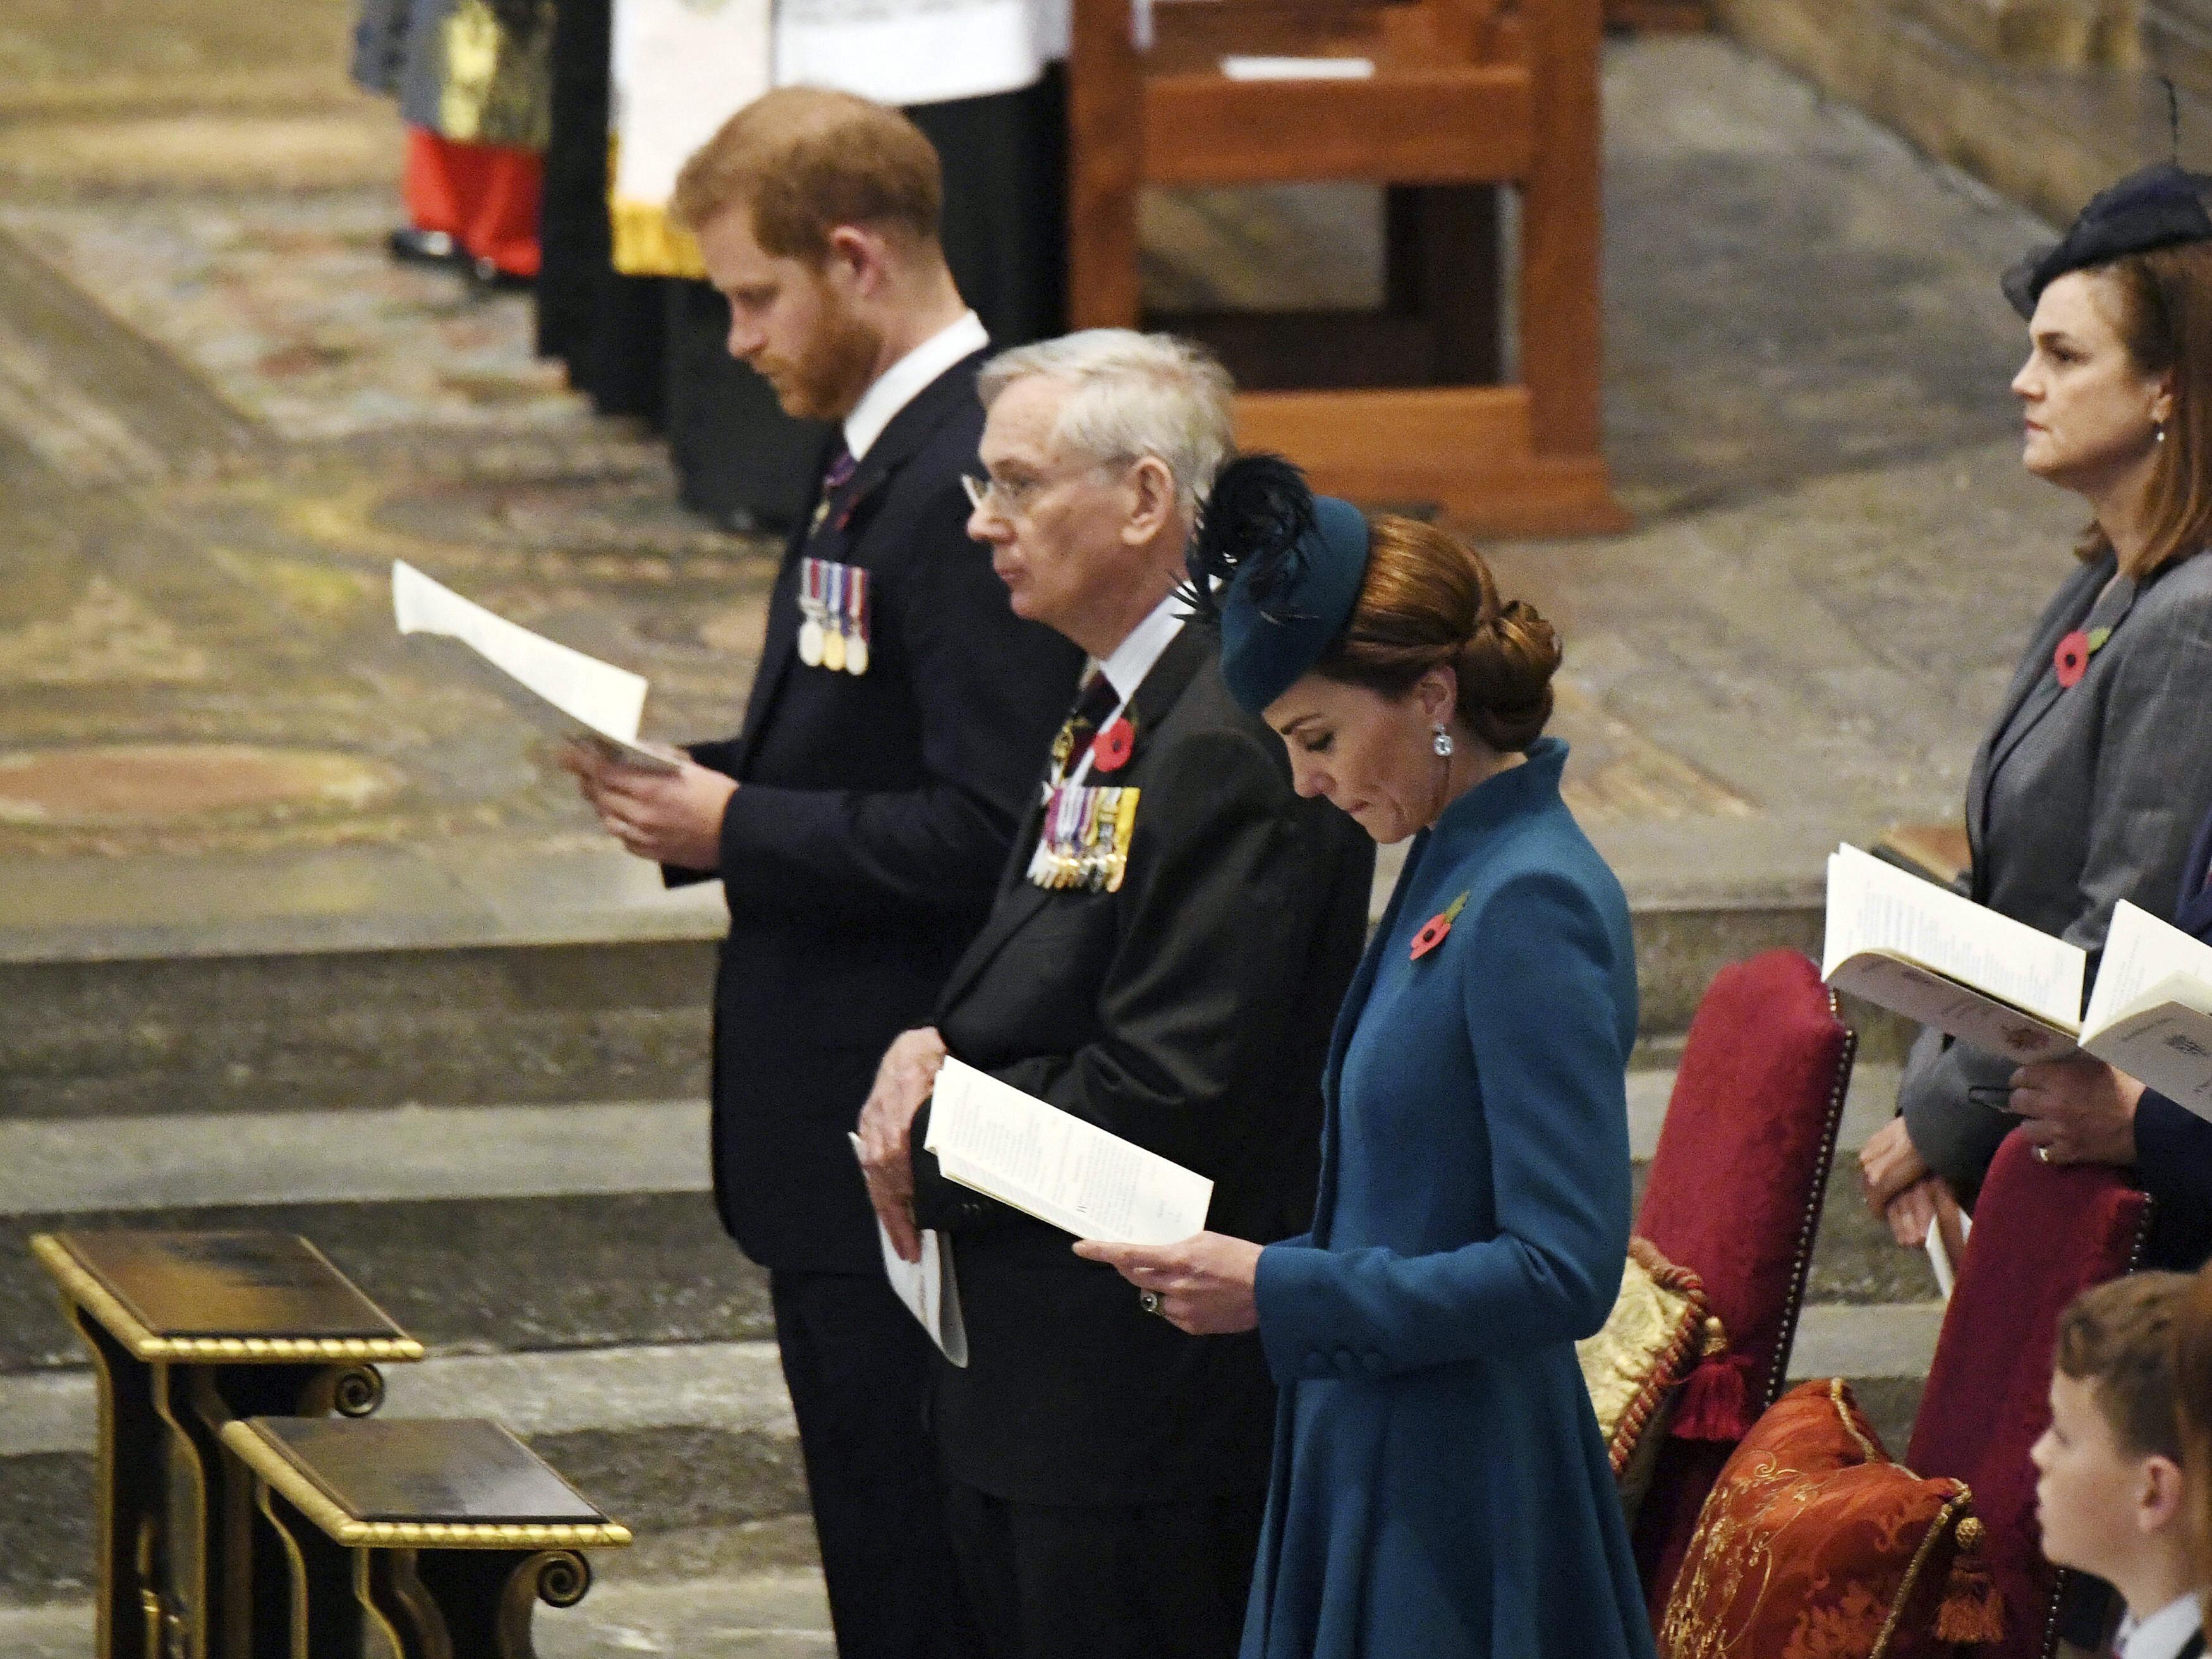 Ο πρίγκιπας Χάρι και η Κέιτ Μίντλετον με σοβαρό ύφος στο αβαείο του Γουεστμίνστερ